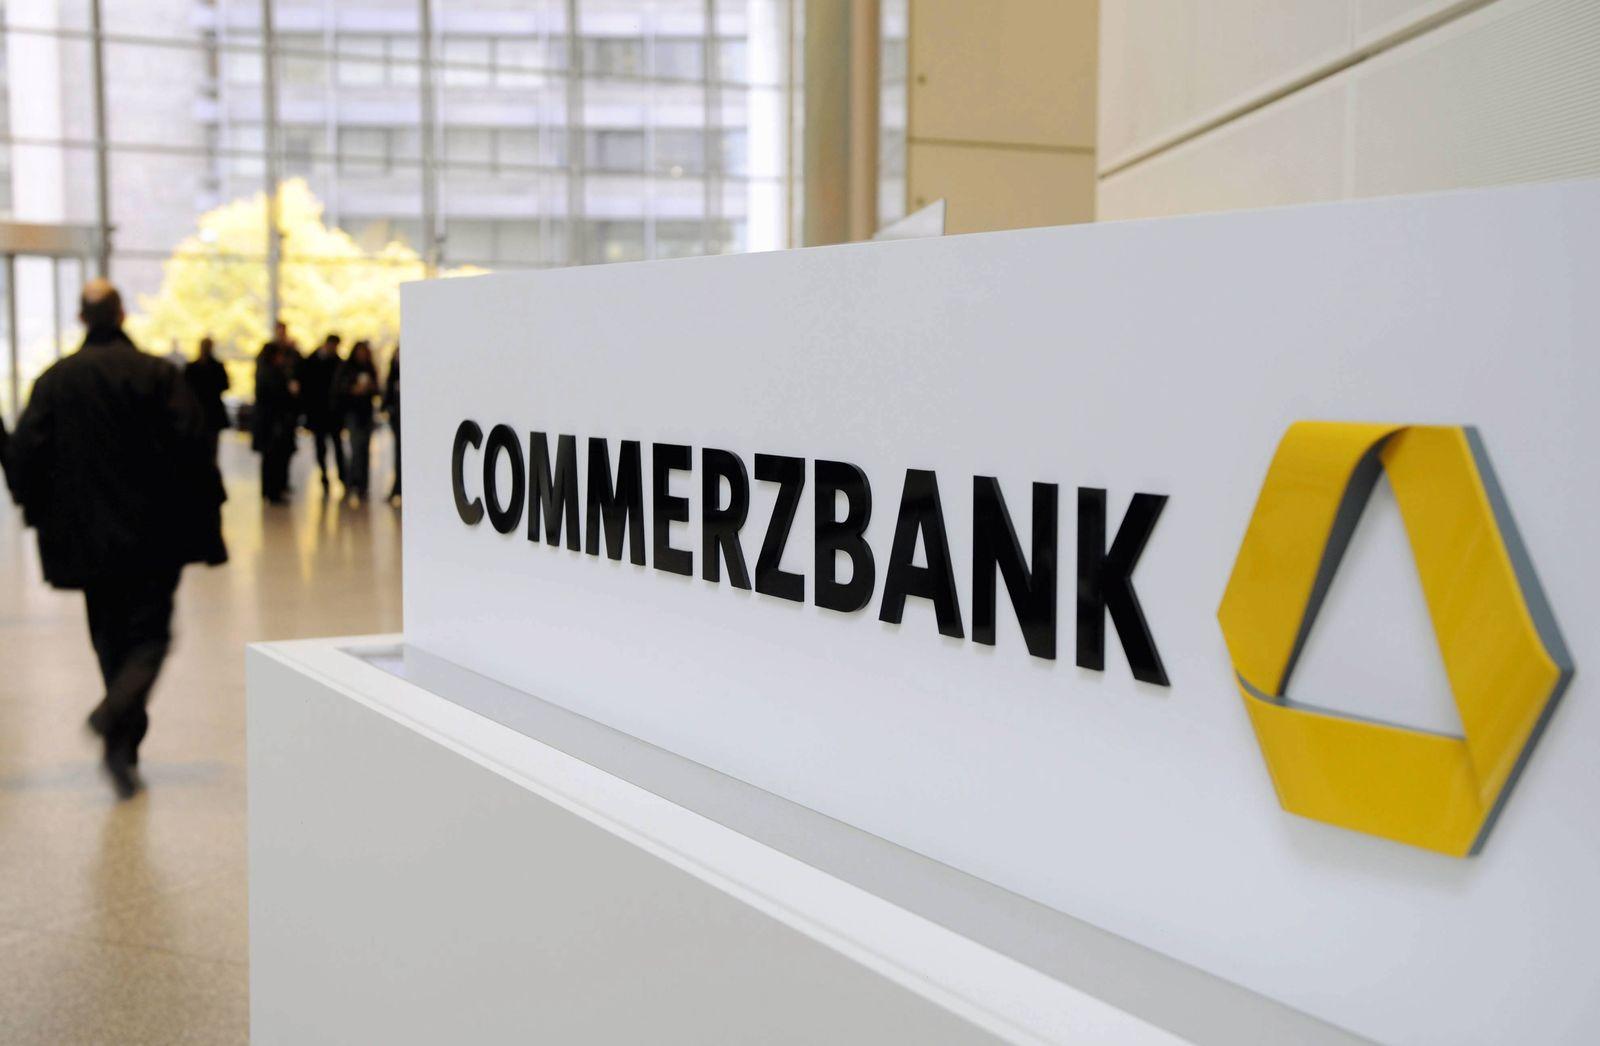 NICHT VERWENDEN Commerzbank